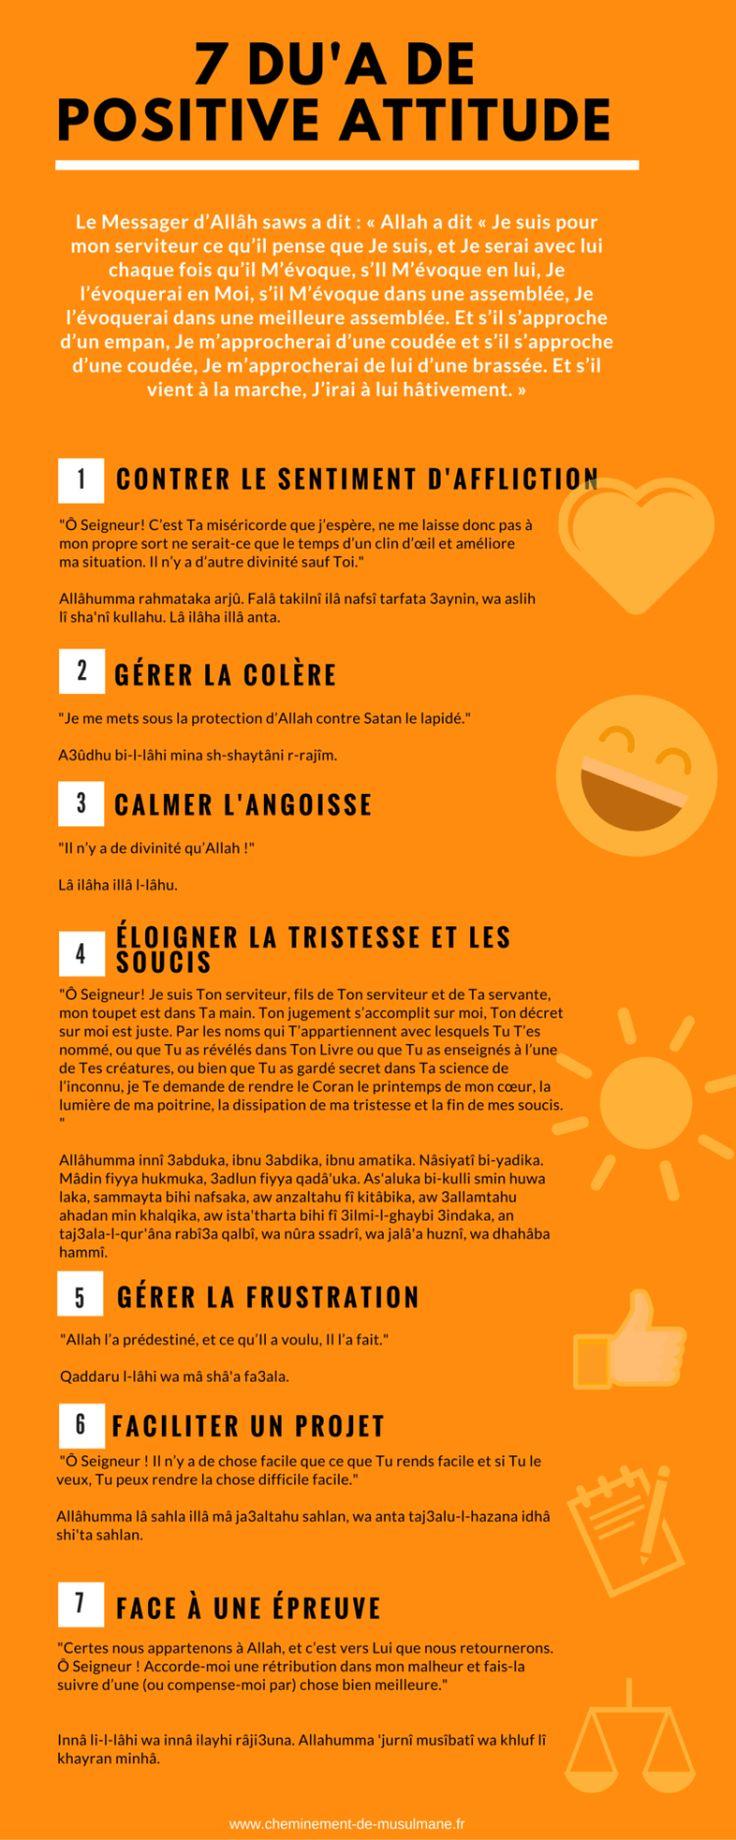 7 Du'a de Positive Attitude! #infographie #Dhikr #invocations #spiritualité #PositiveAttitude #Islam #empowerment